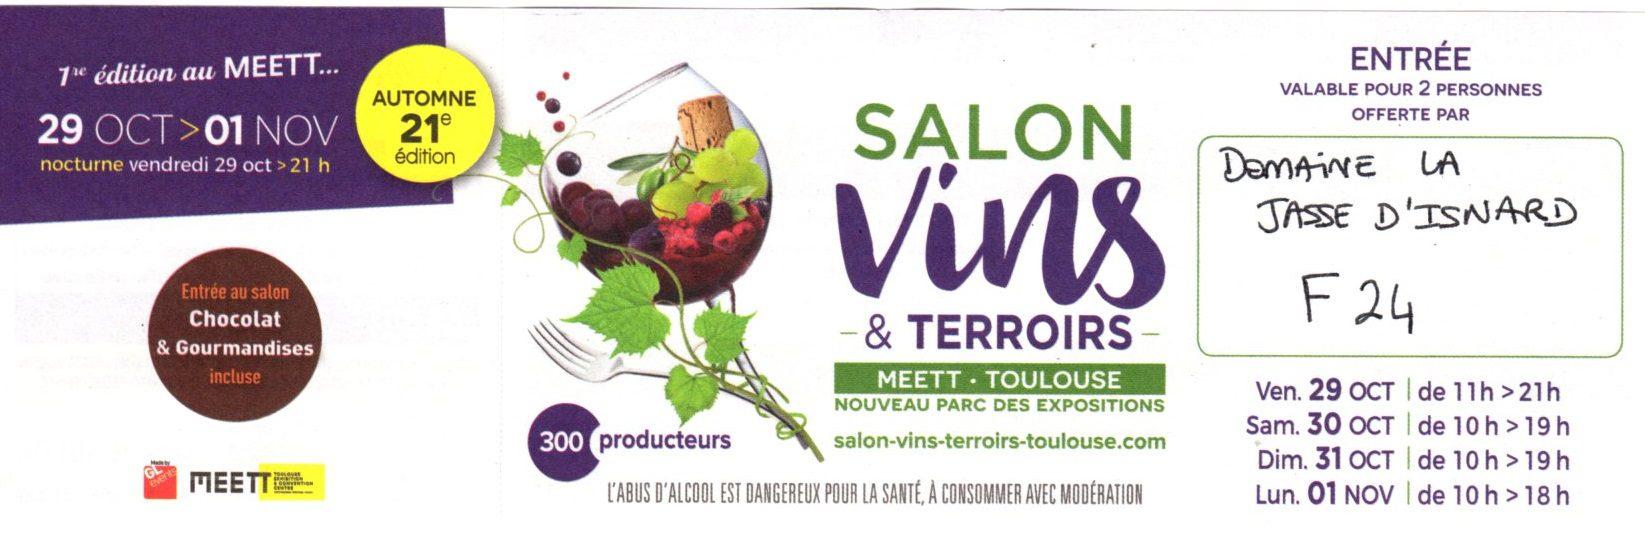 SALON VINS & TERROIRS TOULOUSE